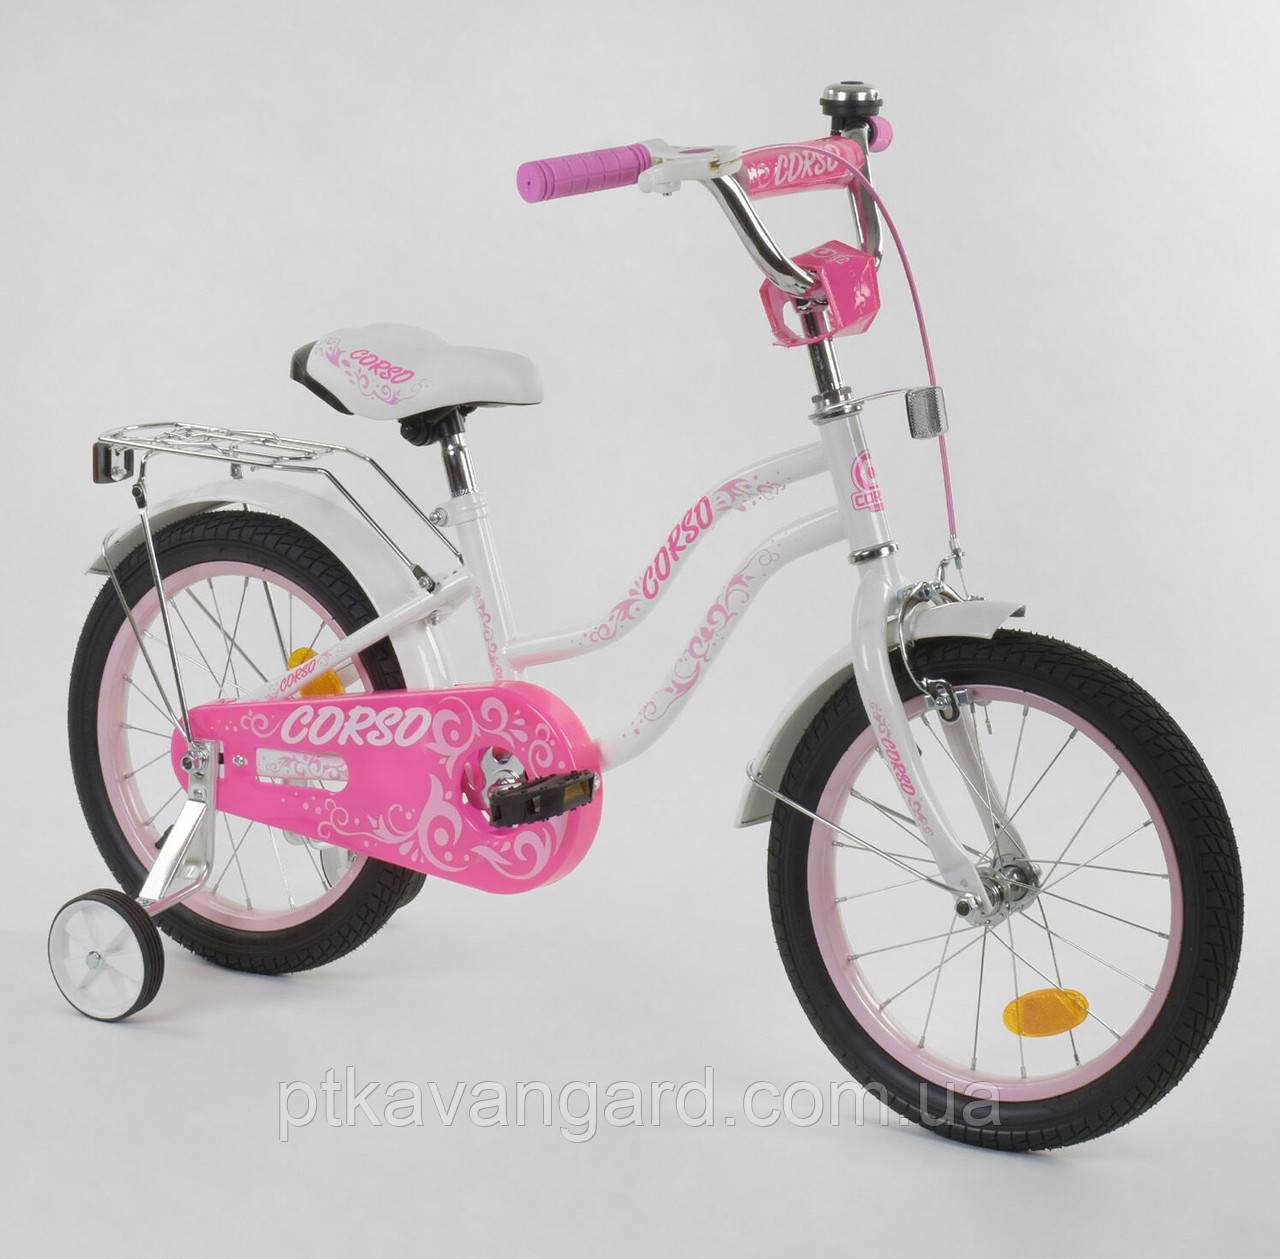 """Велосипед двухколёсный CORSO 16"""" БЕЛЫЙ, ручной тормоз, звоночек, доп. колеса, собранный на 75% Т-97795"""